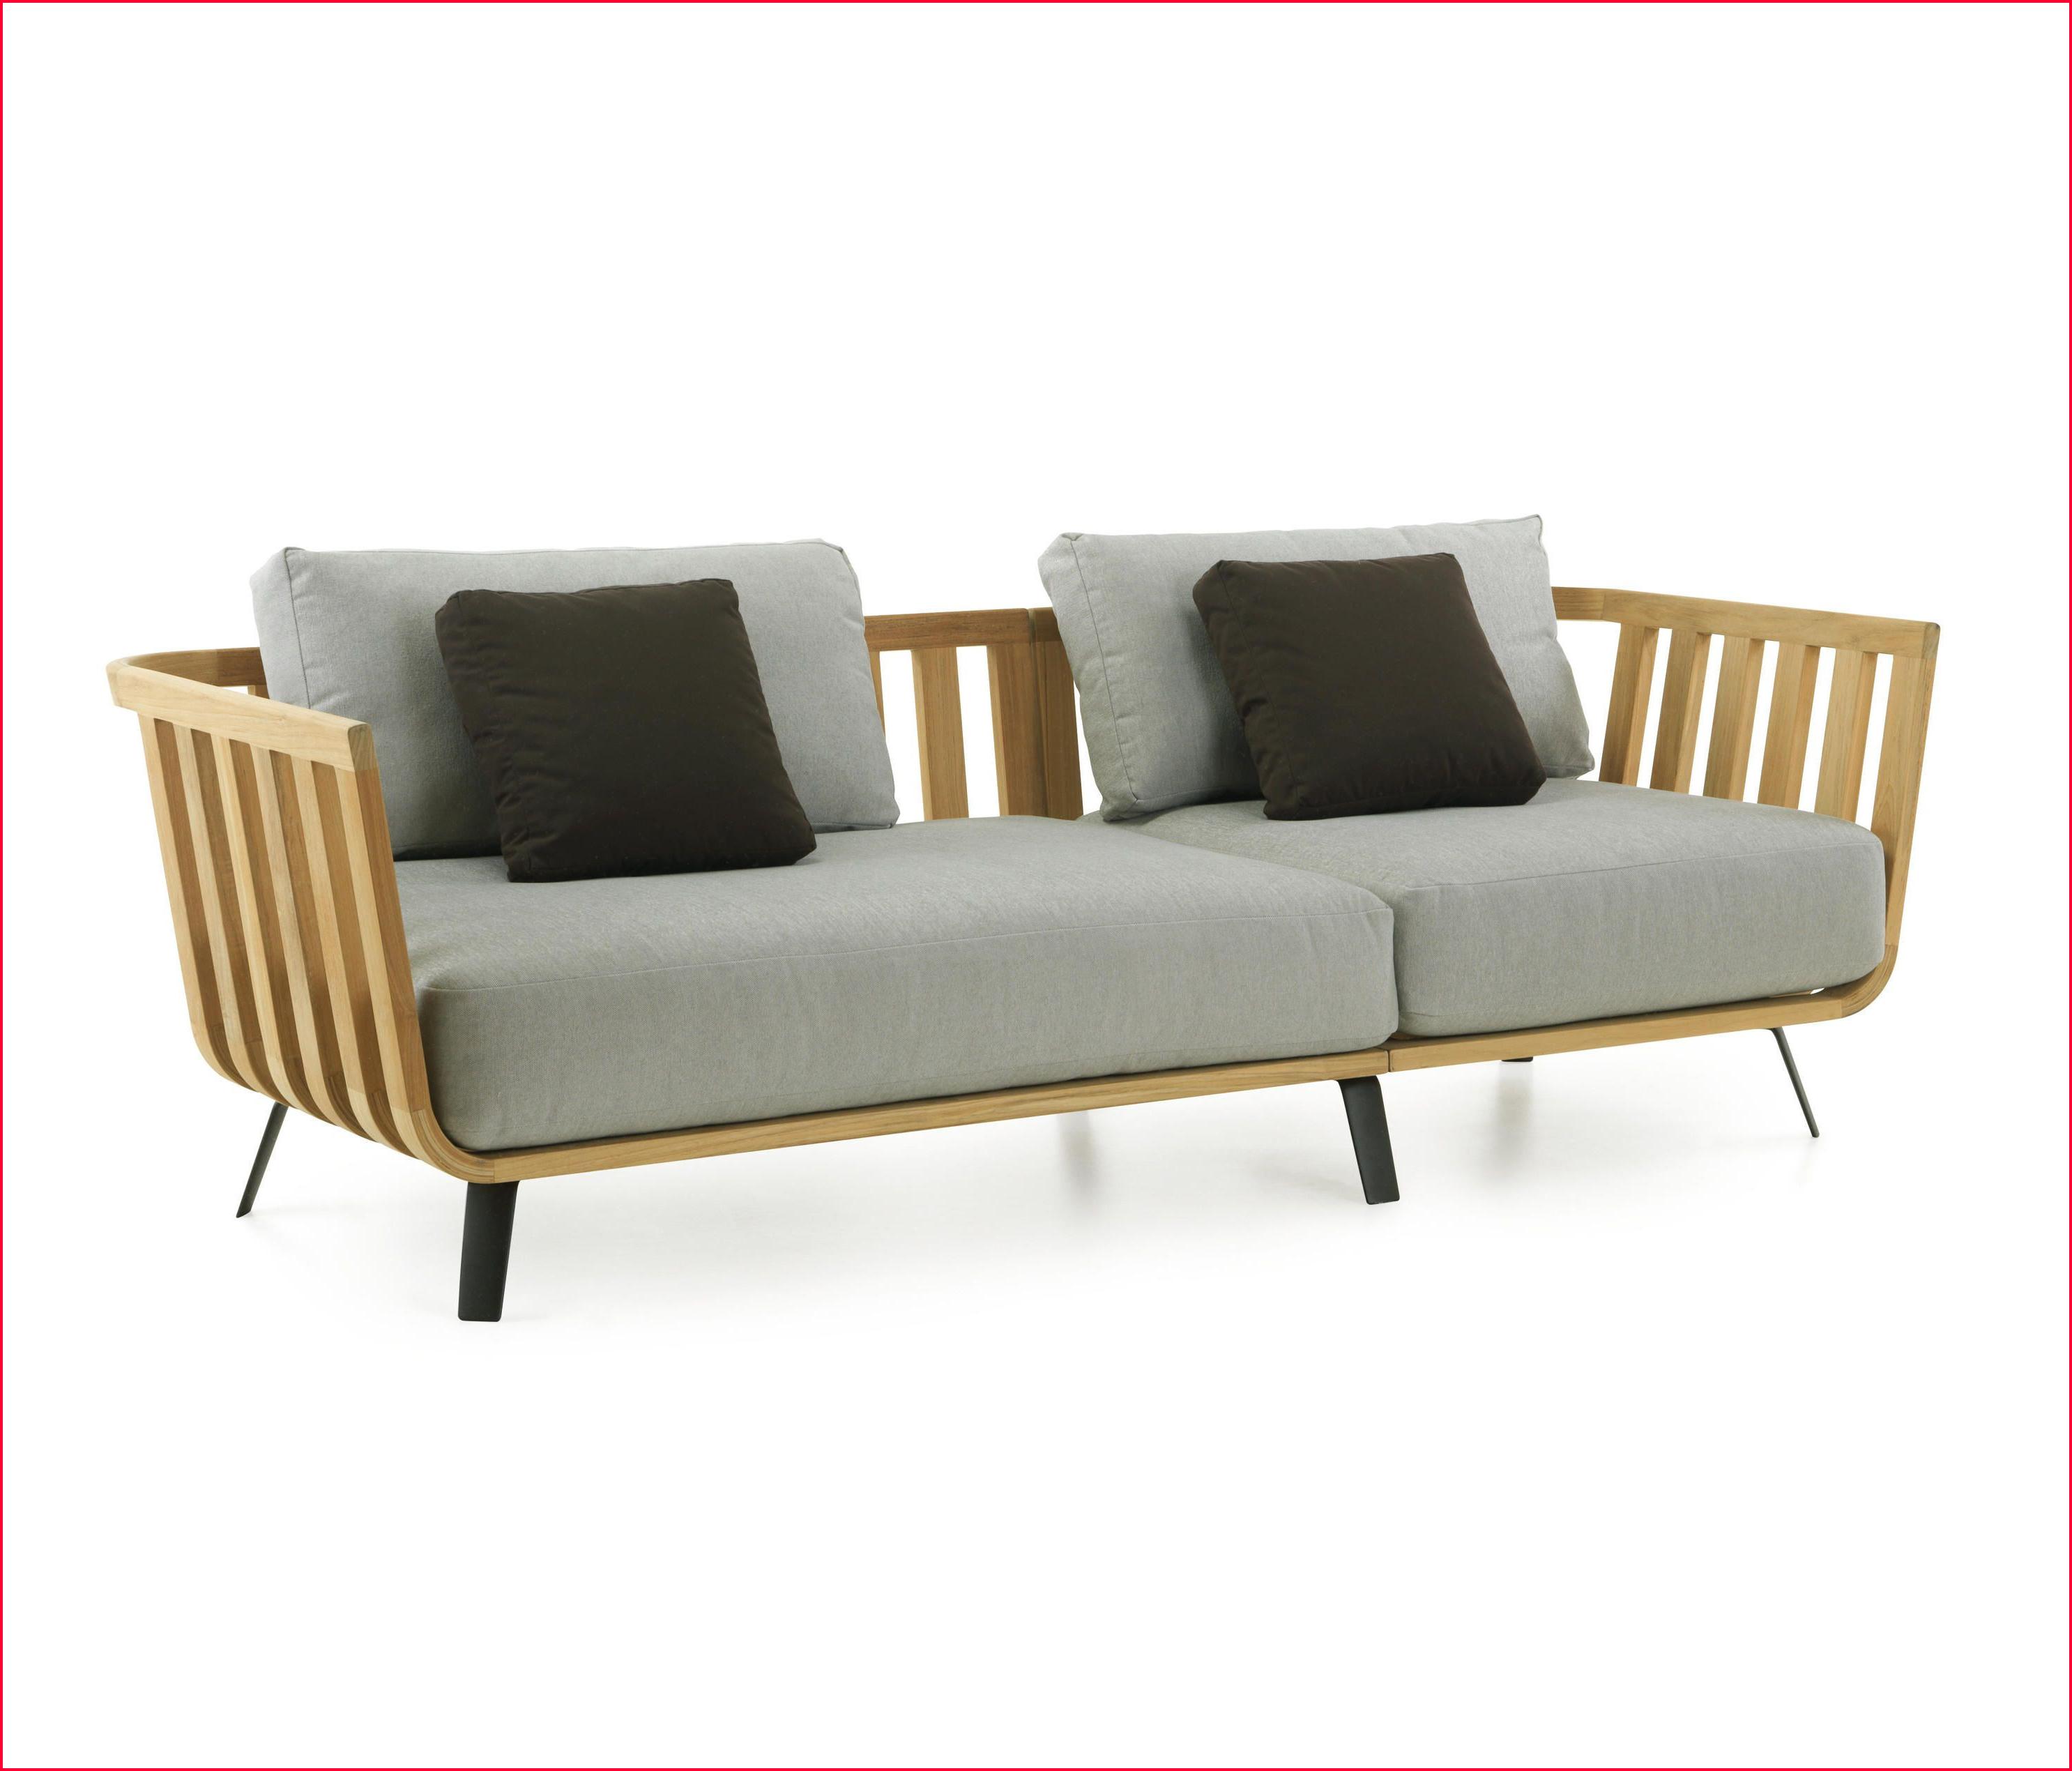 Sofa Cama De Diseño Ipdd Lujo sofas Cama Diseà O Coleccià N De Cama Ideas Cama Ideas